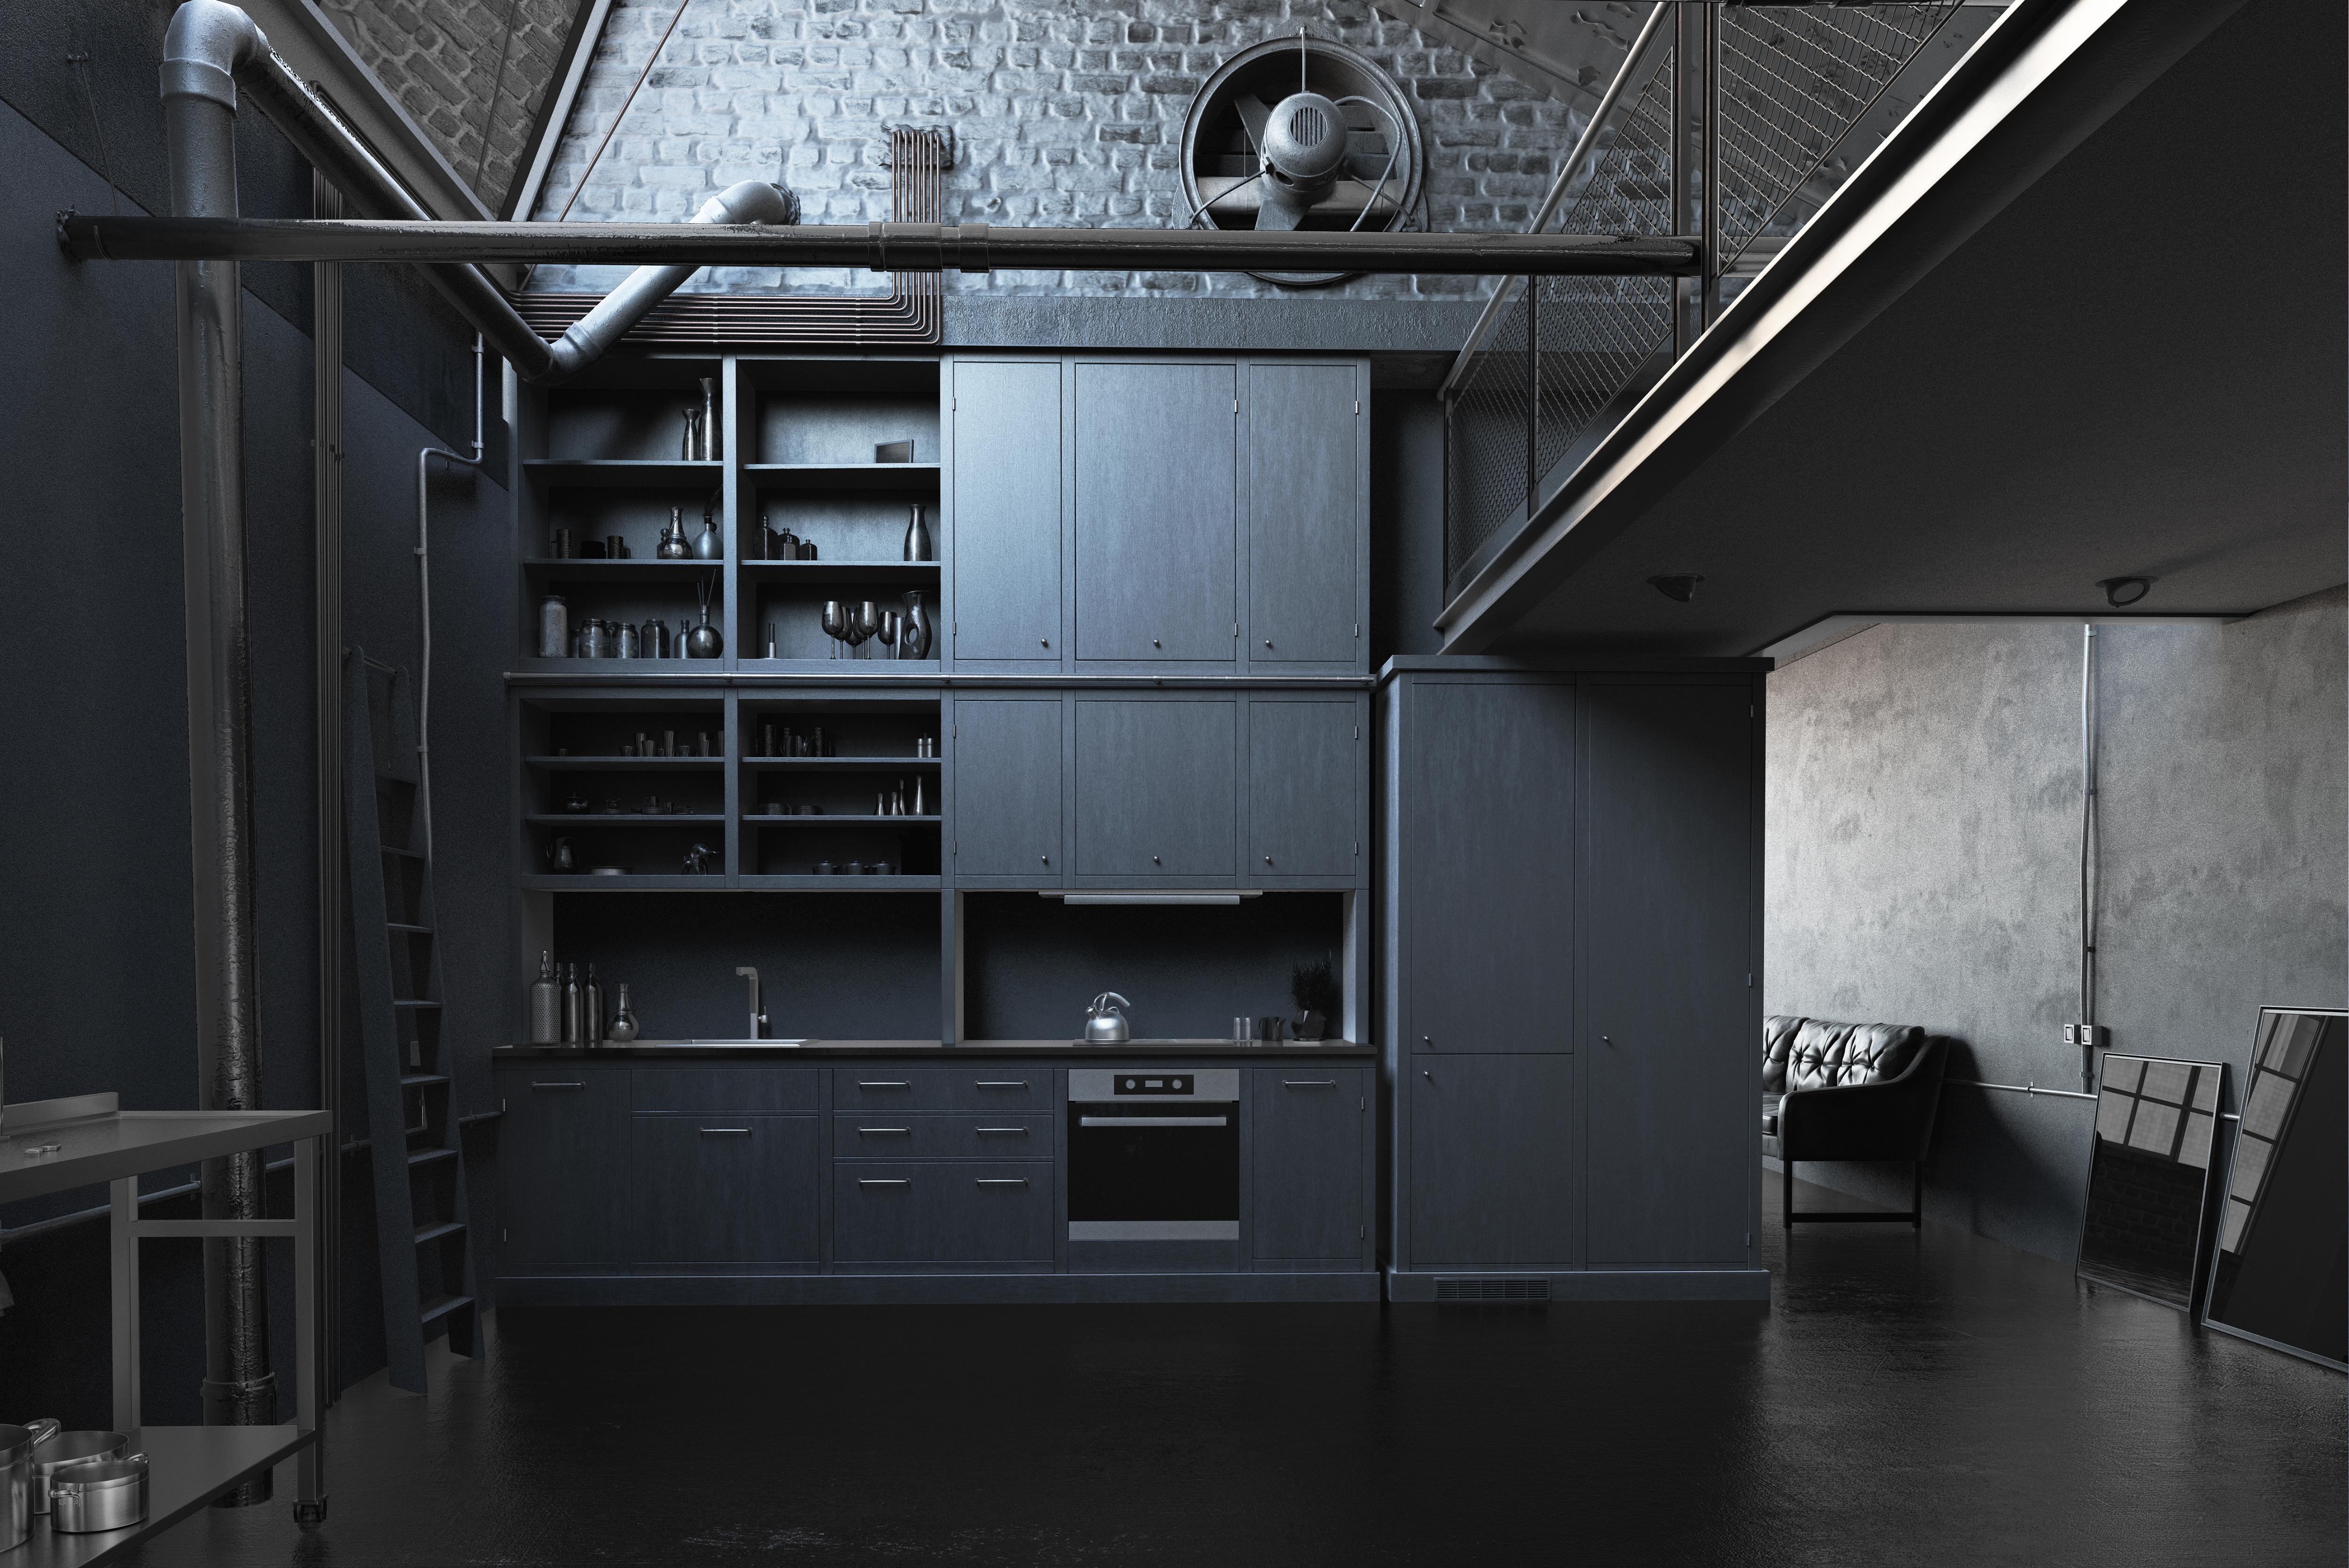 The modern loft kitchen